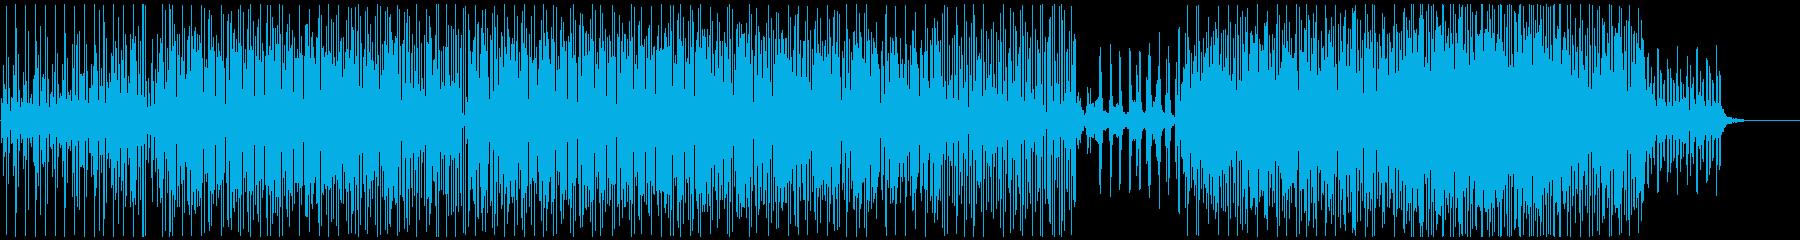 ピアノを基調としたミニマルテクノ/ハウスの再生済みの波形